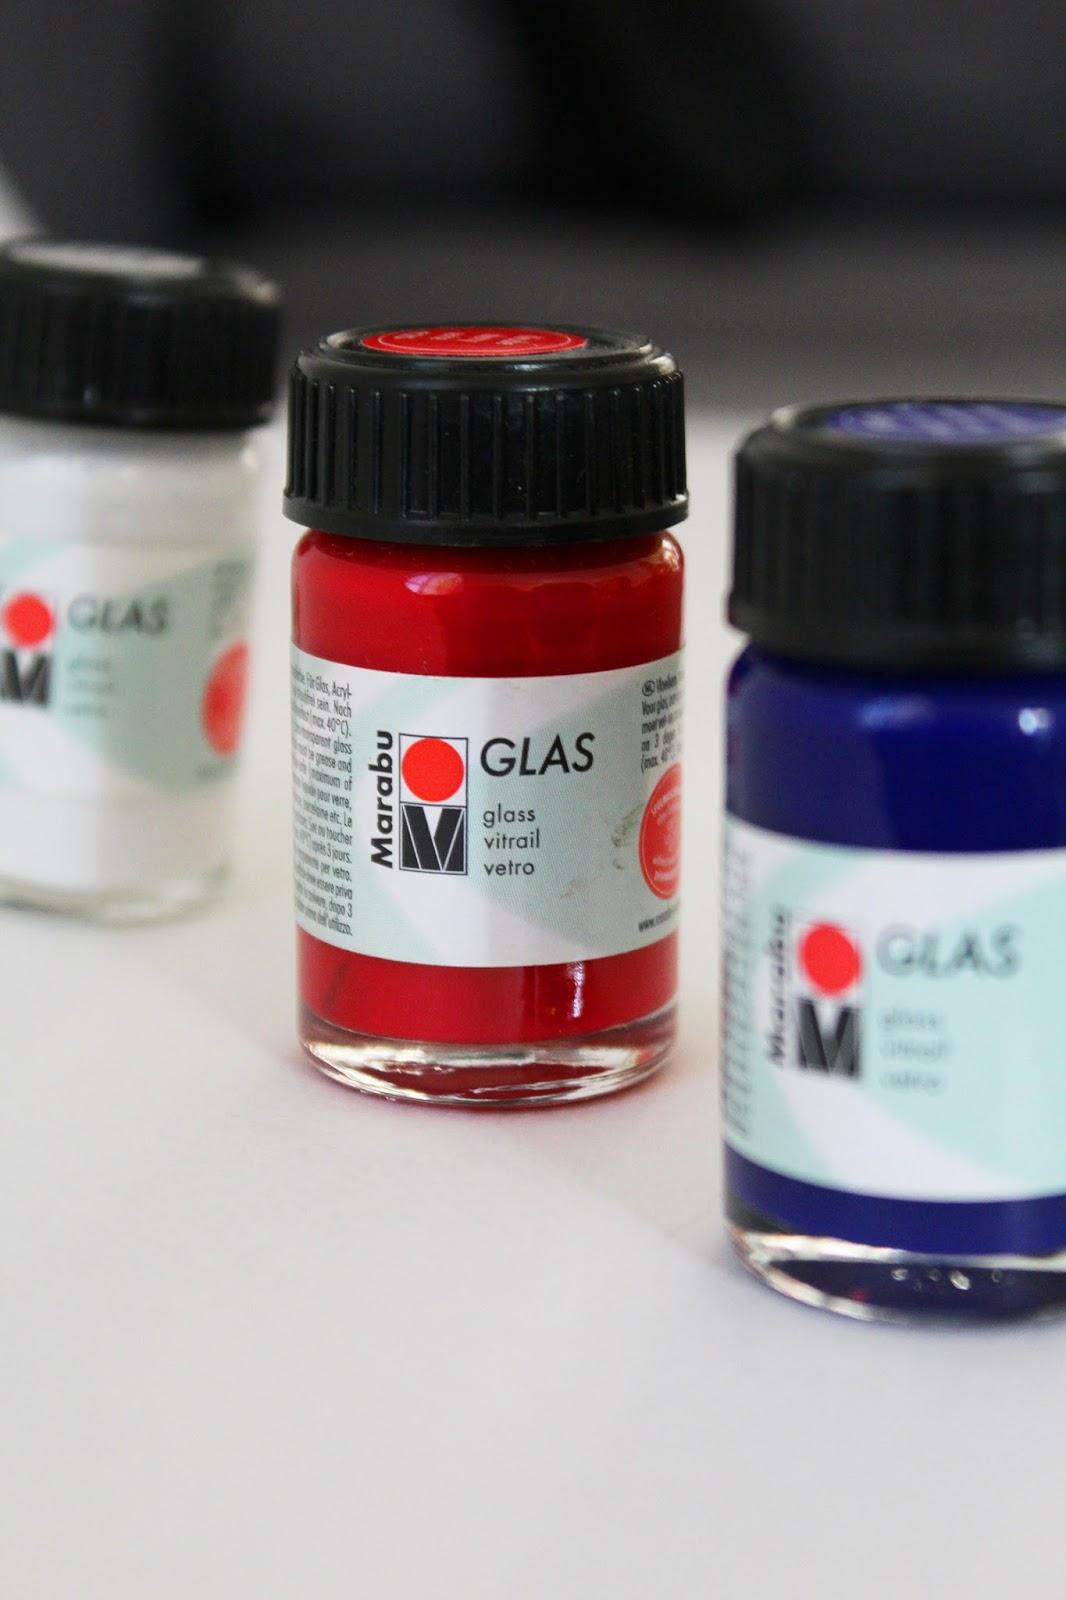 ειδικά χρώματα για ζωγραφική σε γυαλί